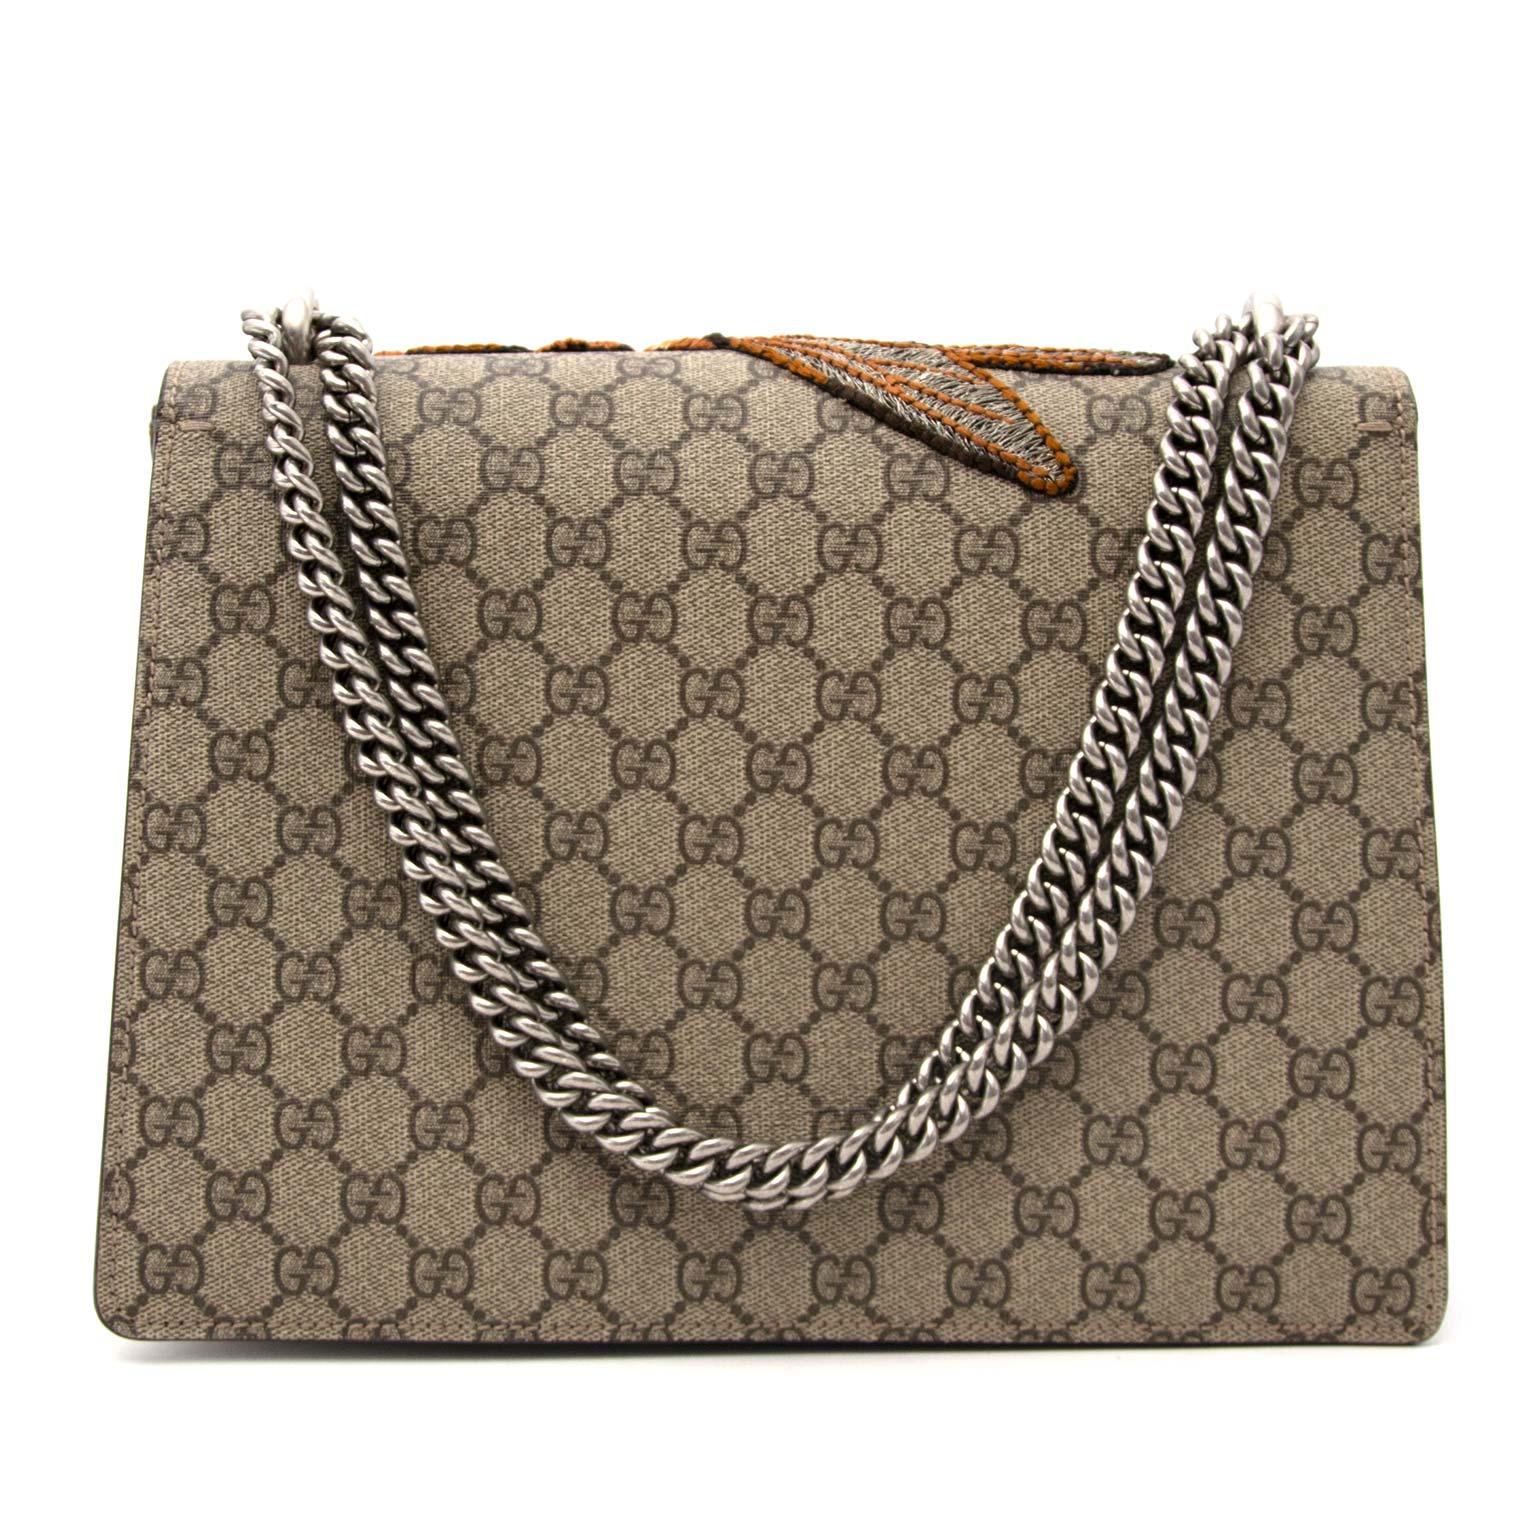 acheter en ligne pour le meilleur prix Gucci Monogram Bee Dionysus Medium shoulder bag